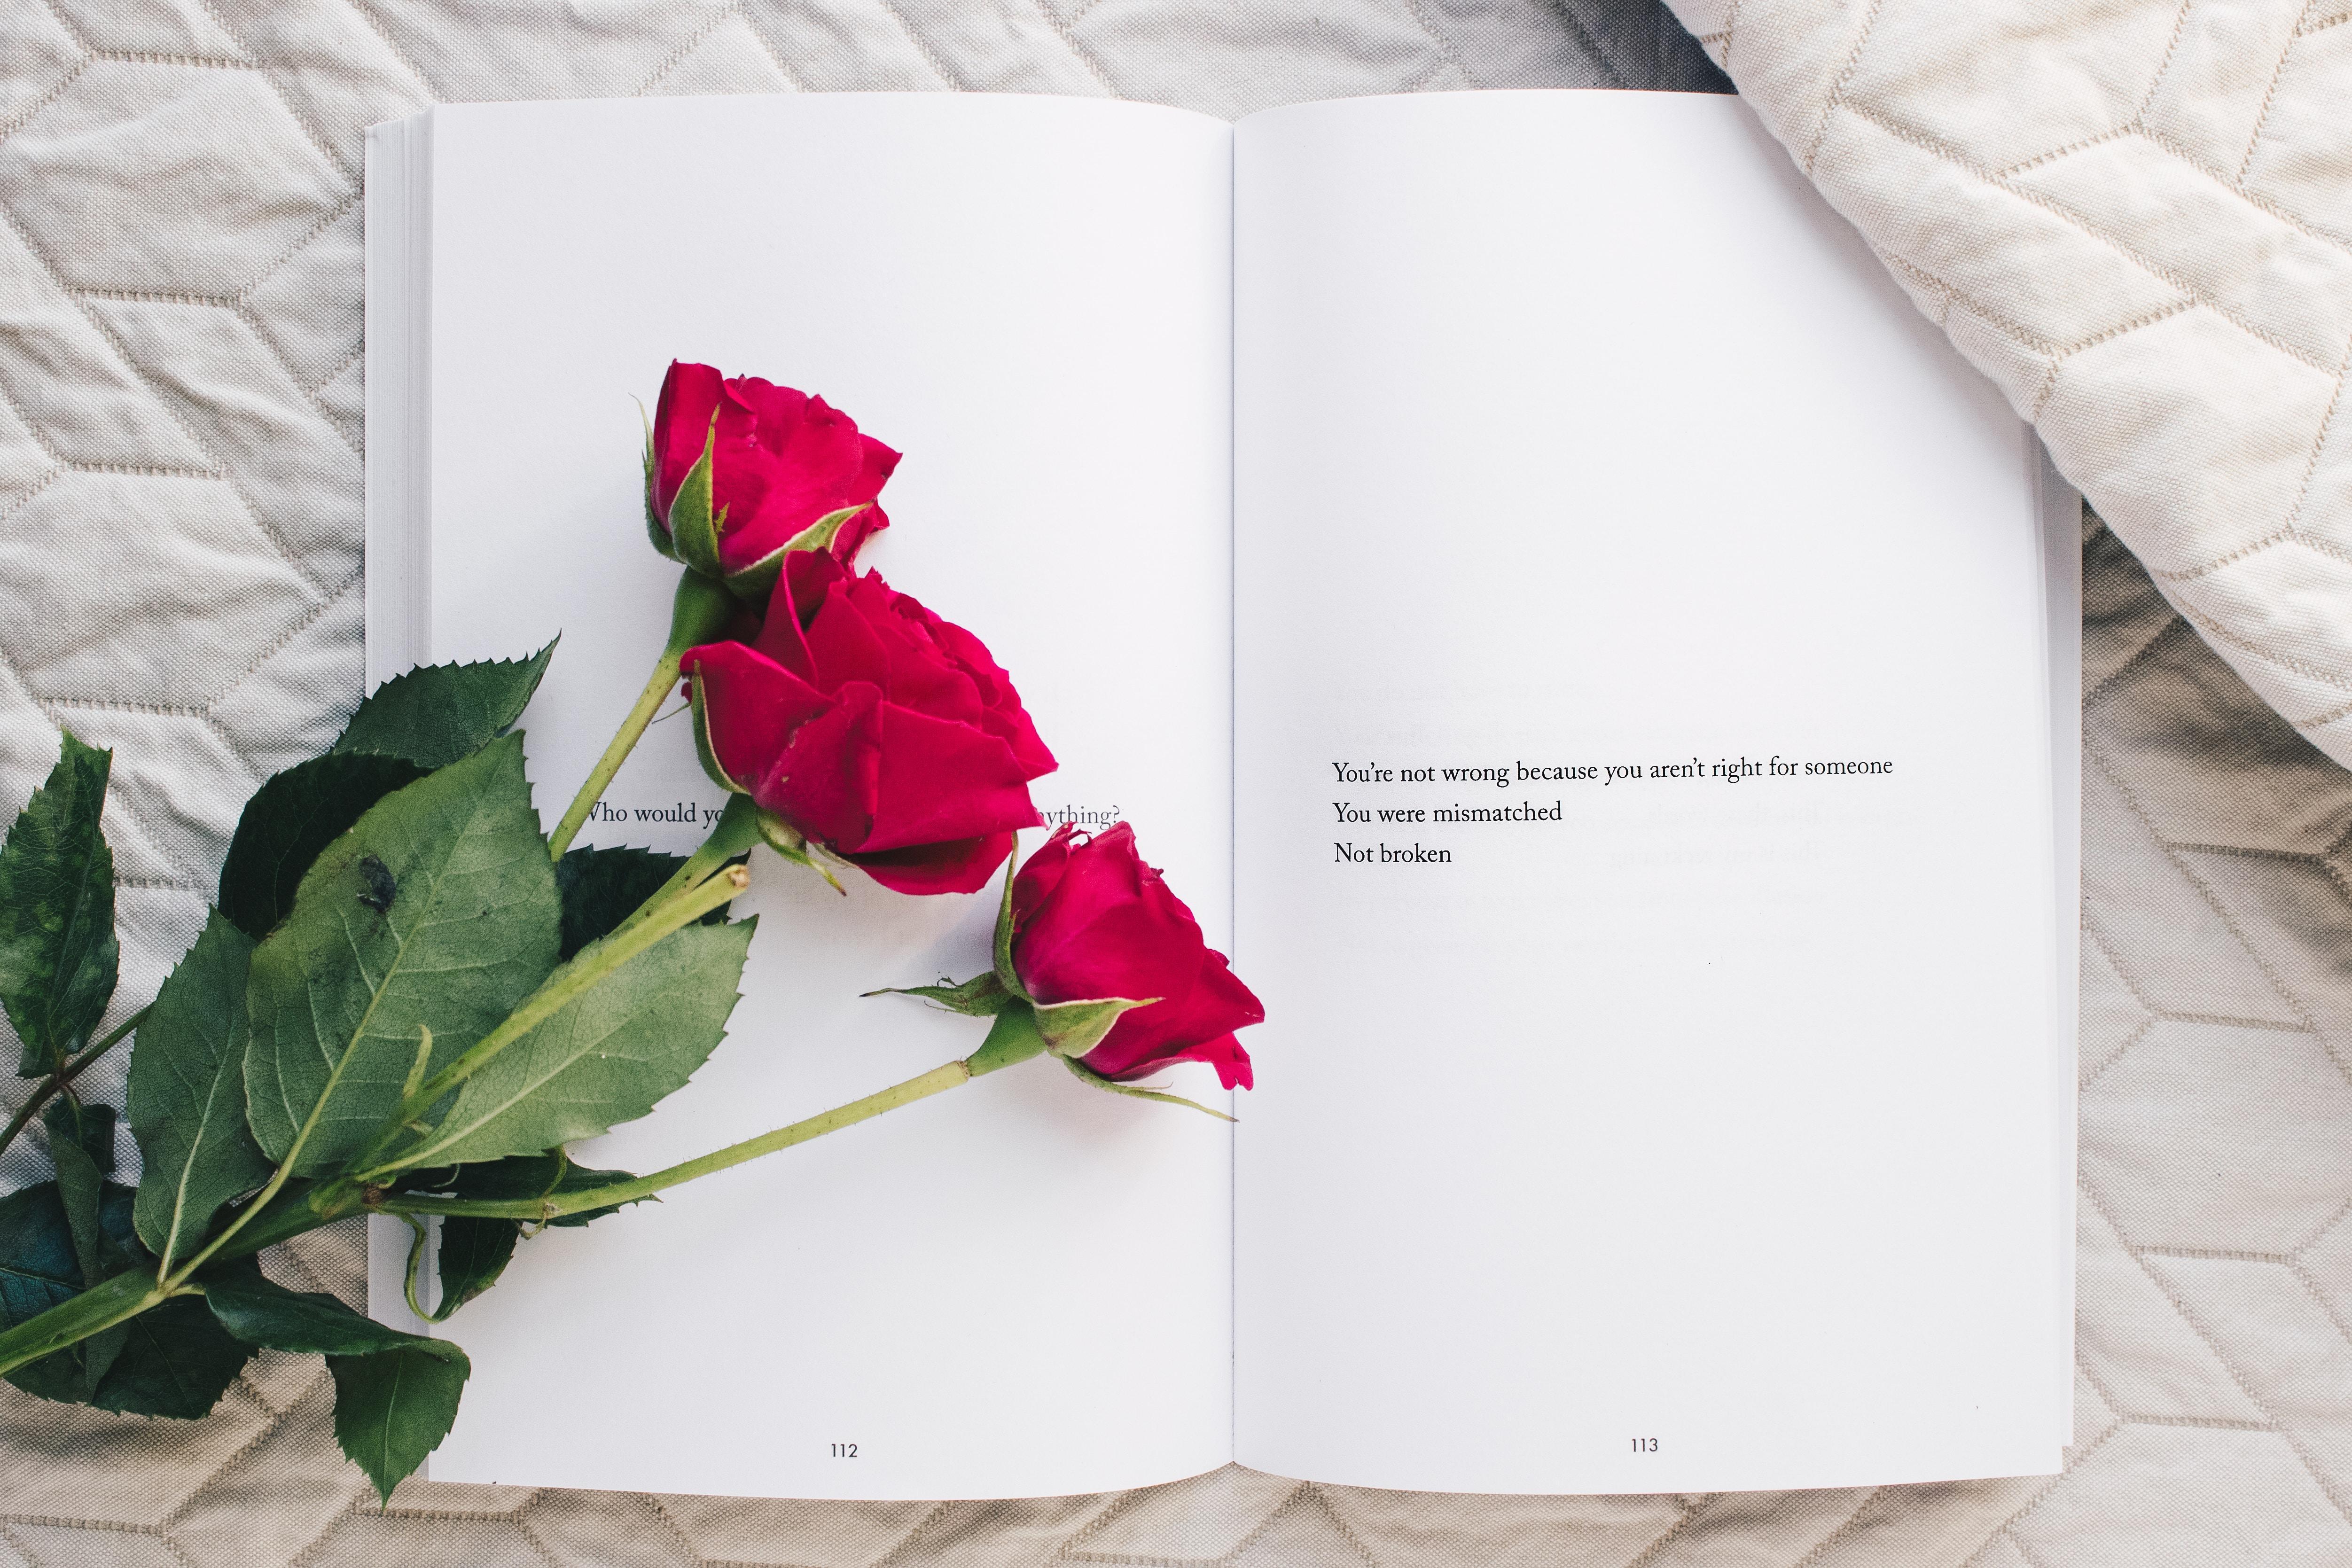 Exposition de l'Amour